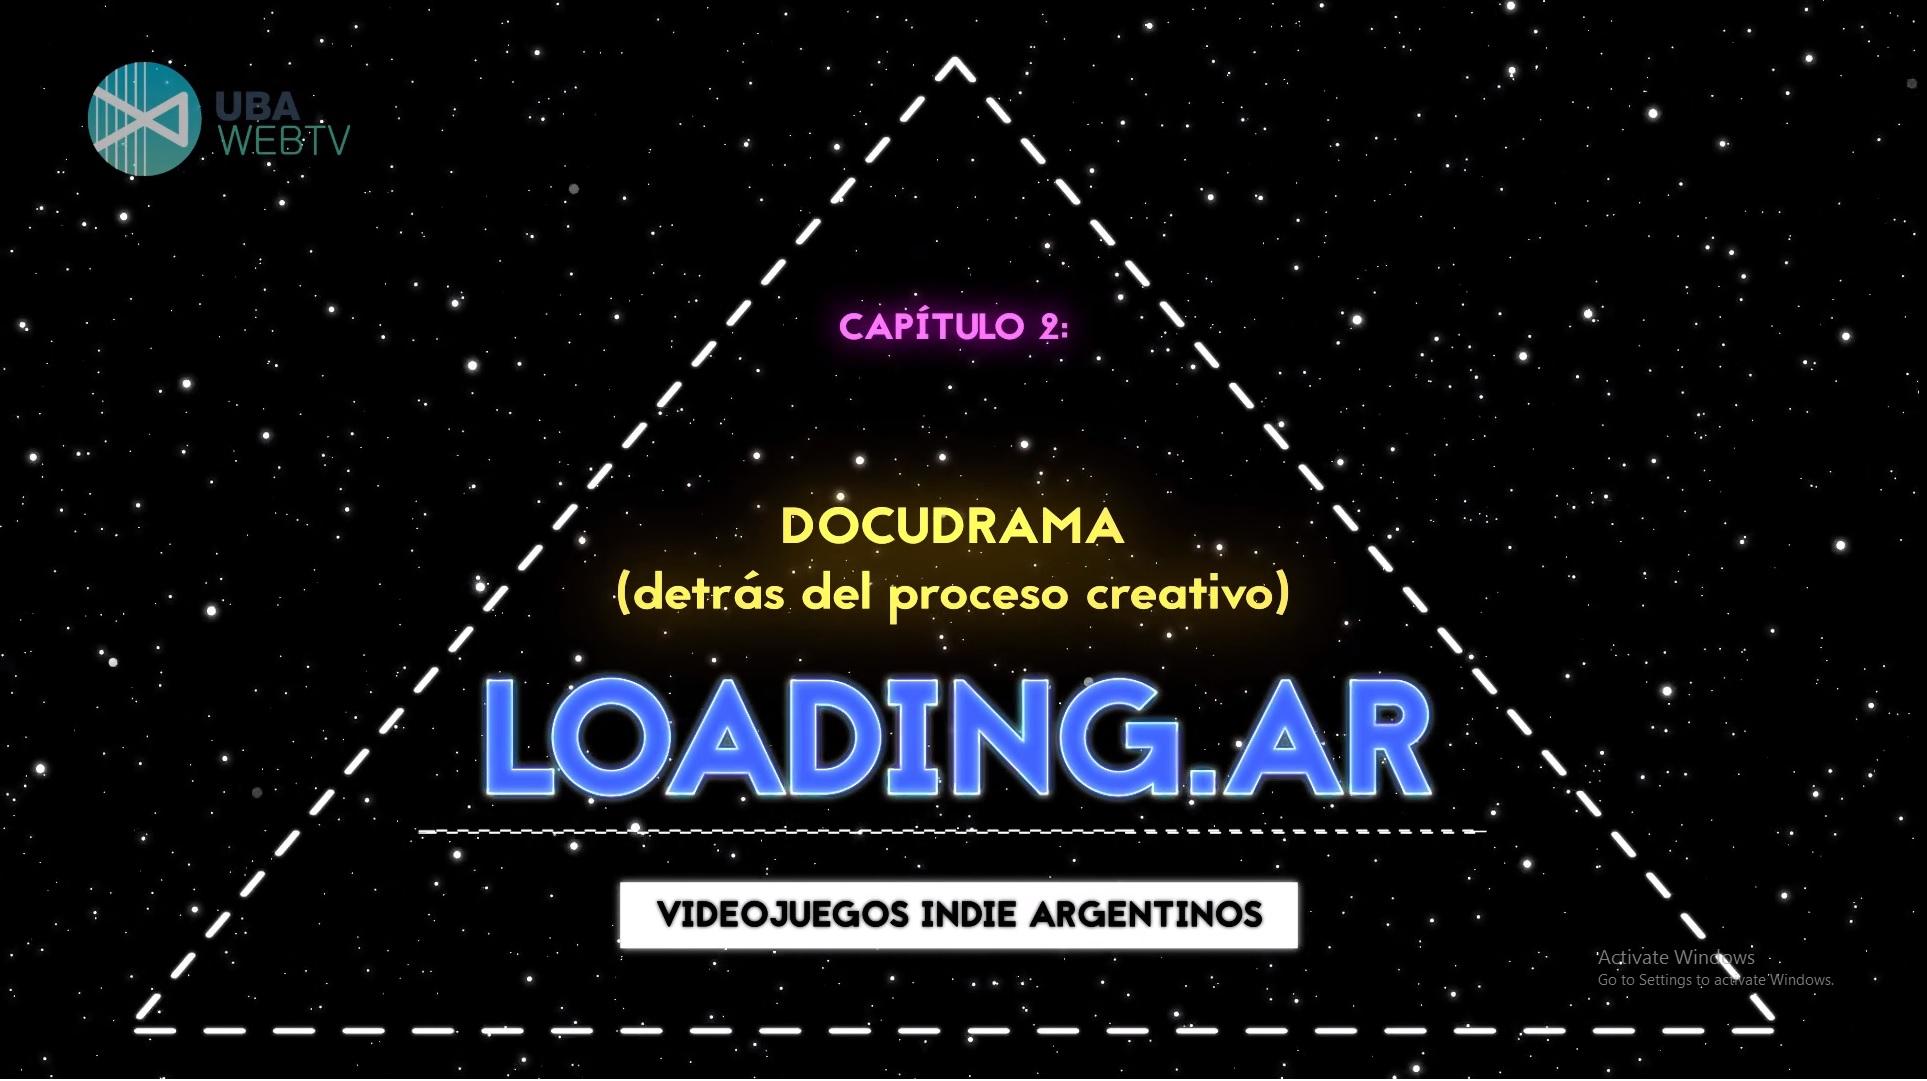 LOADING.AR: Docudrama, capítulo 02